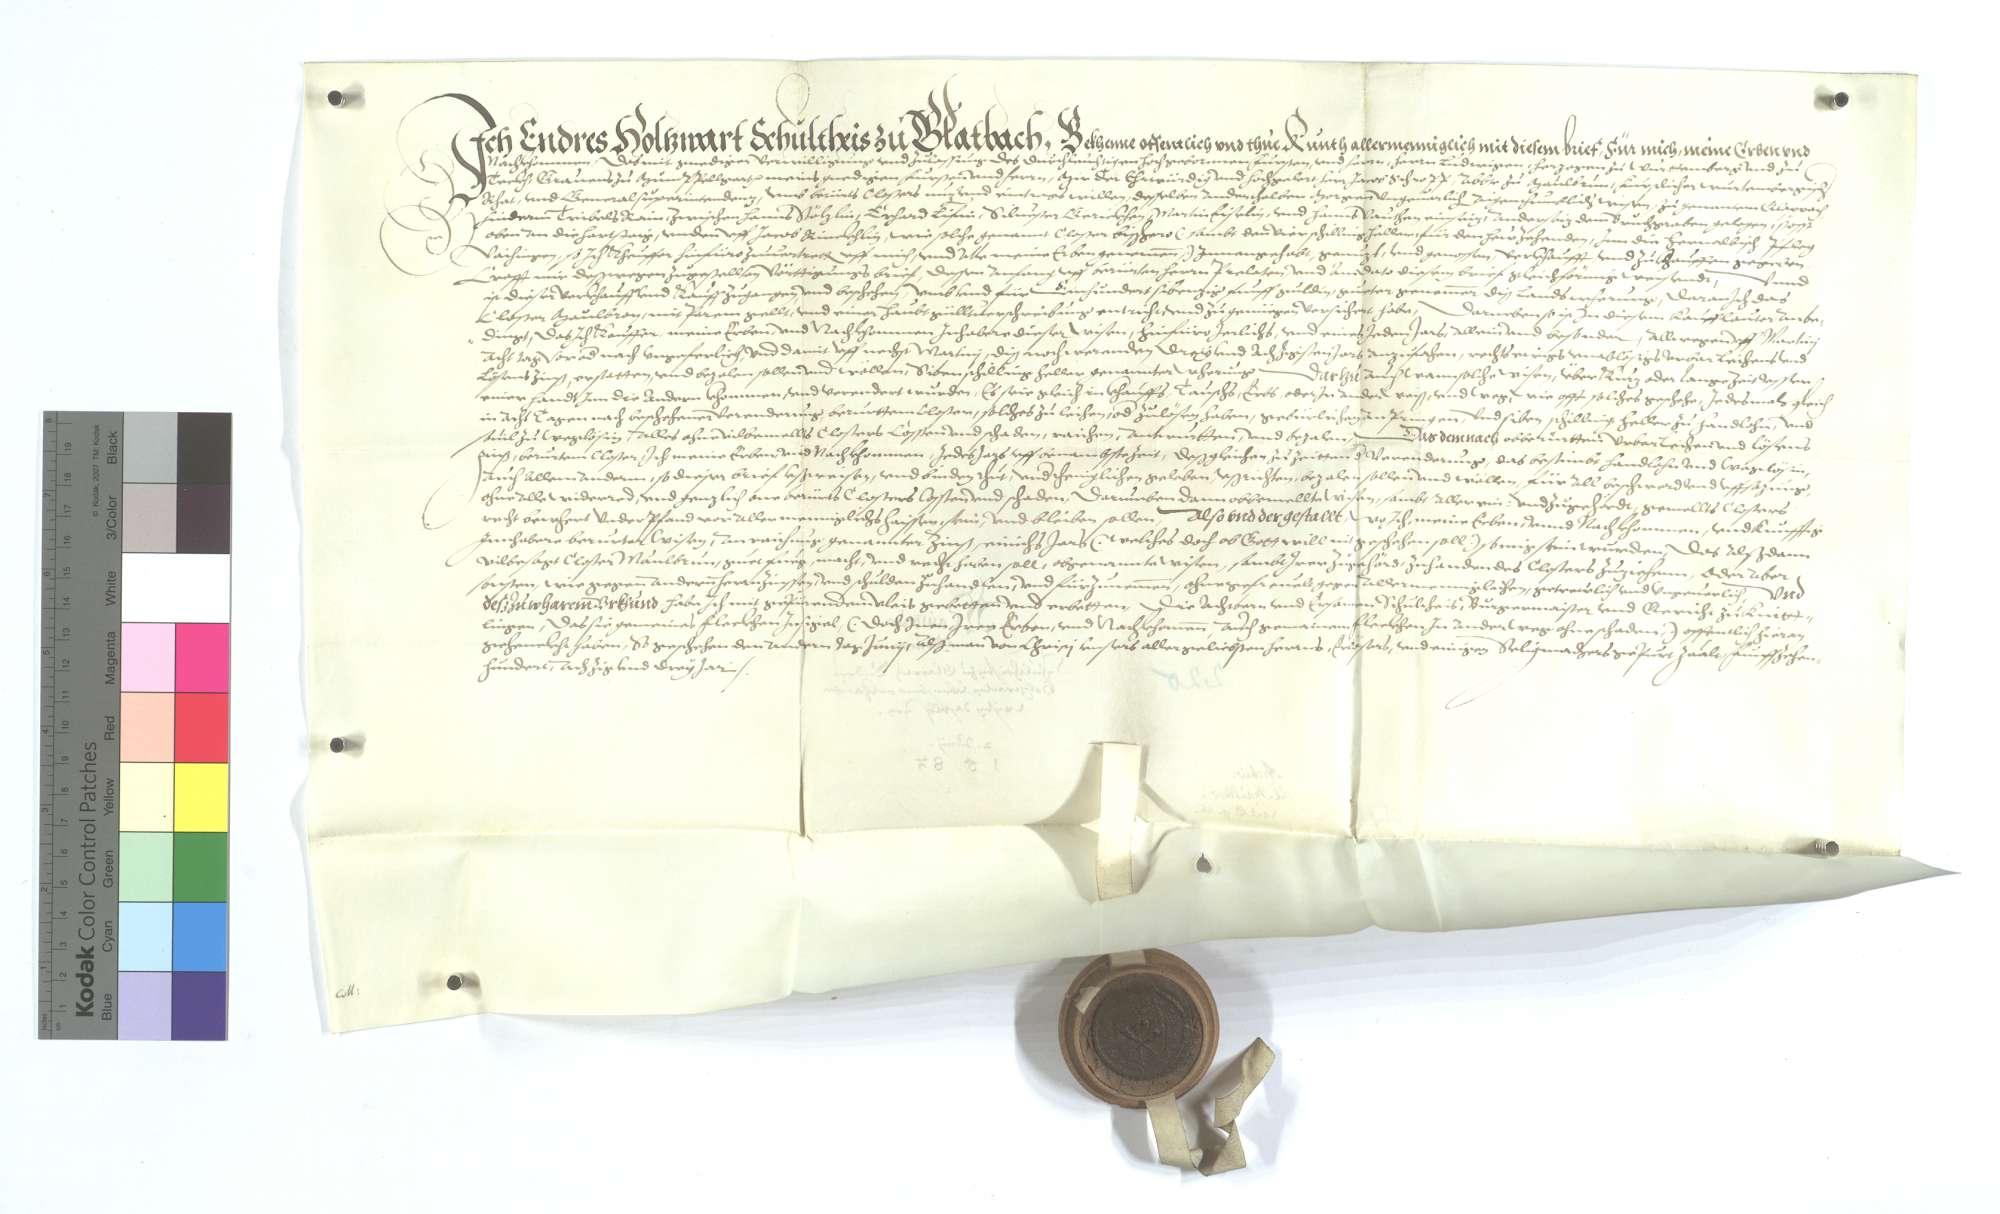 Versprechung Endris Holzwarts, des Schultheißen von Glattbach, wegen der von dem Kloster Maulbronn erkauften 1 1/2 Morgen Wiese dort., Text